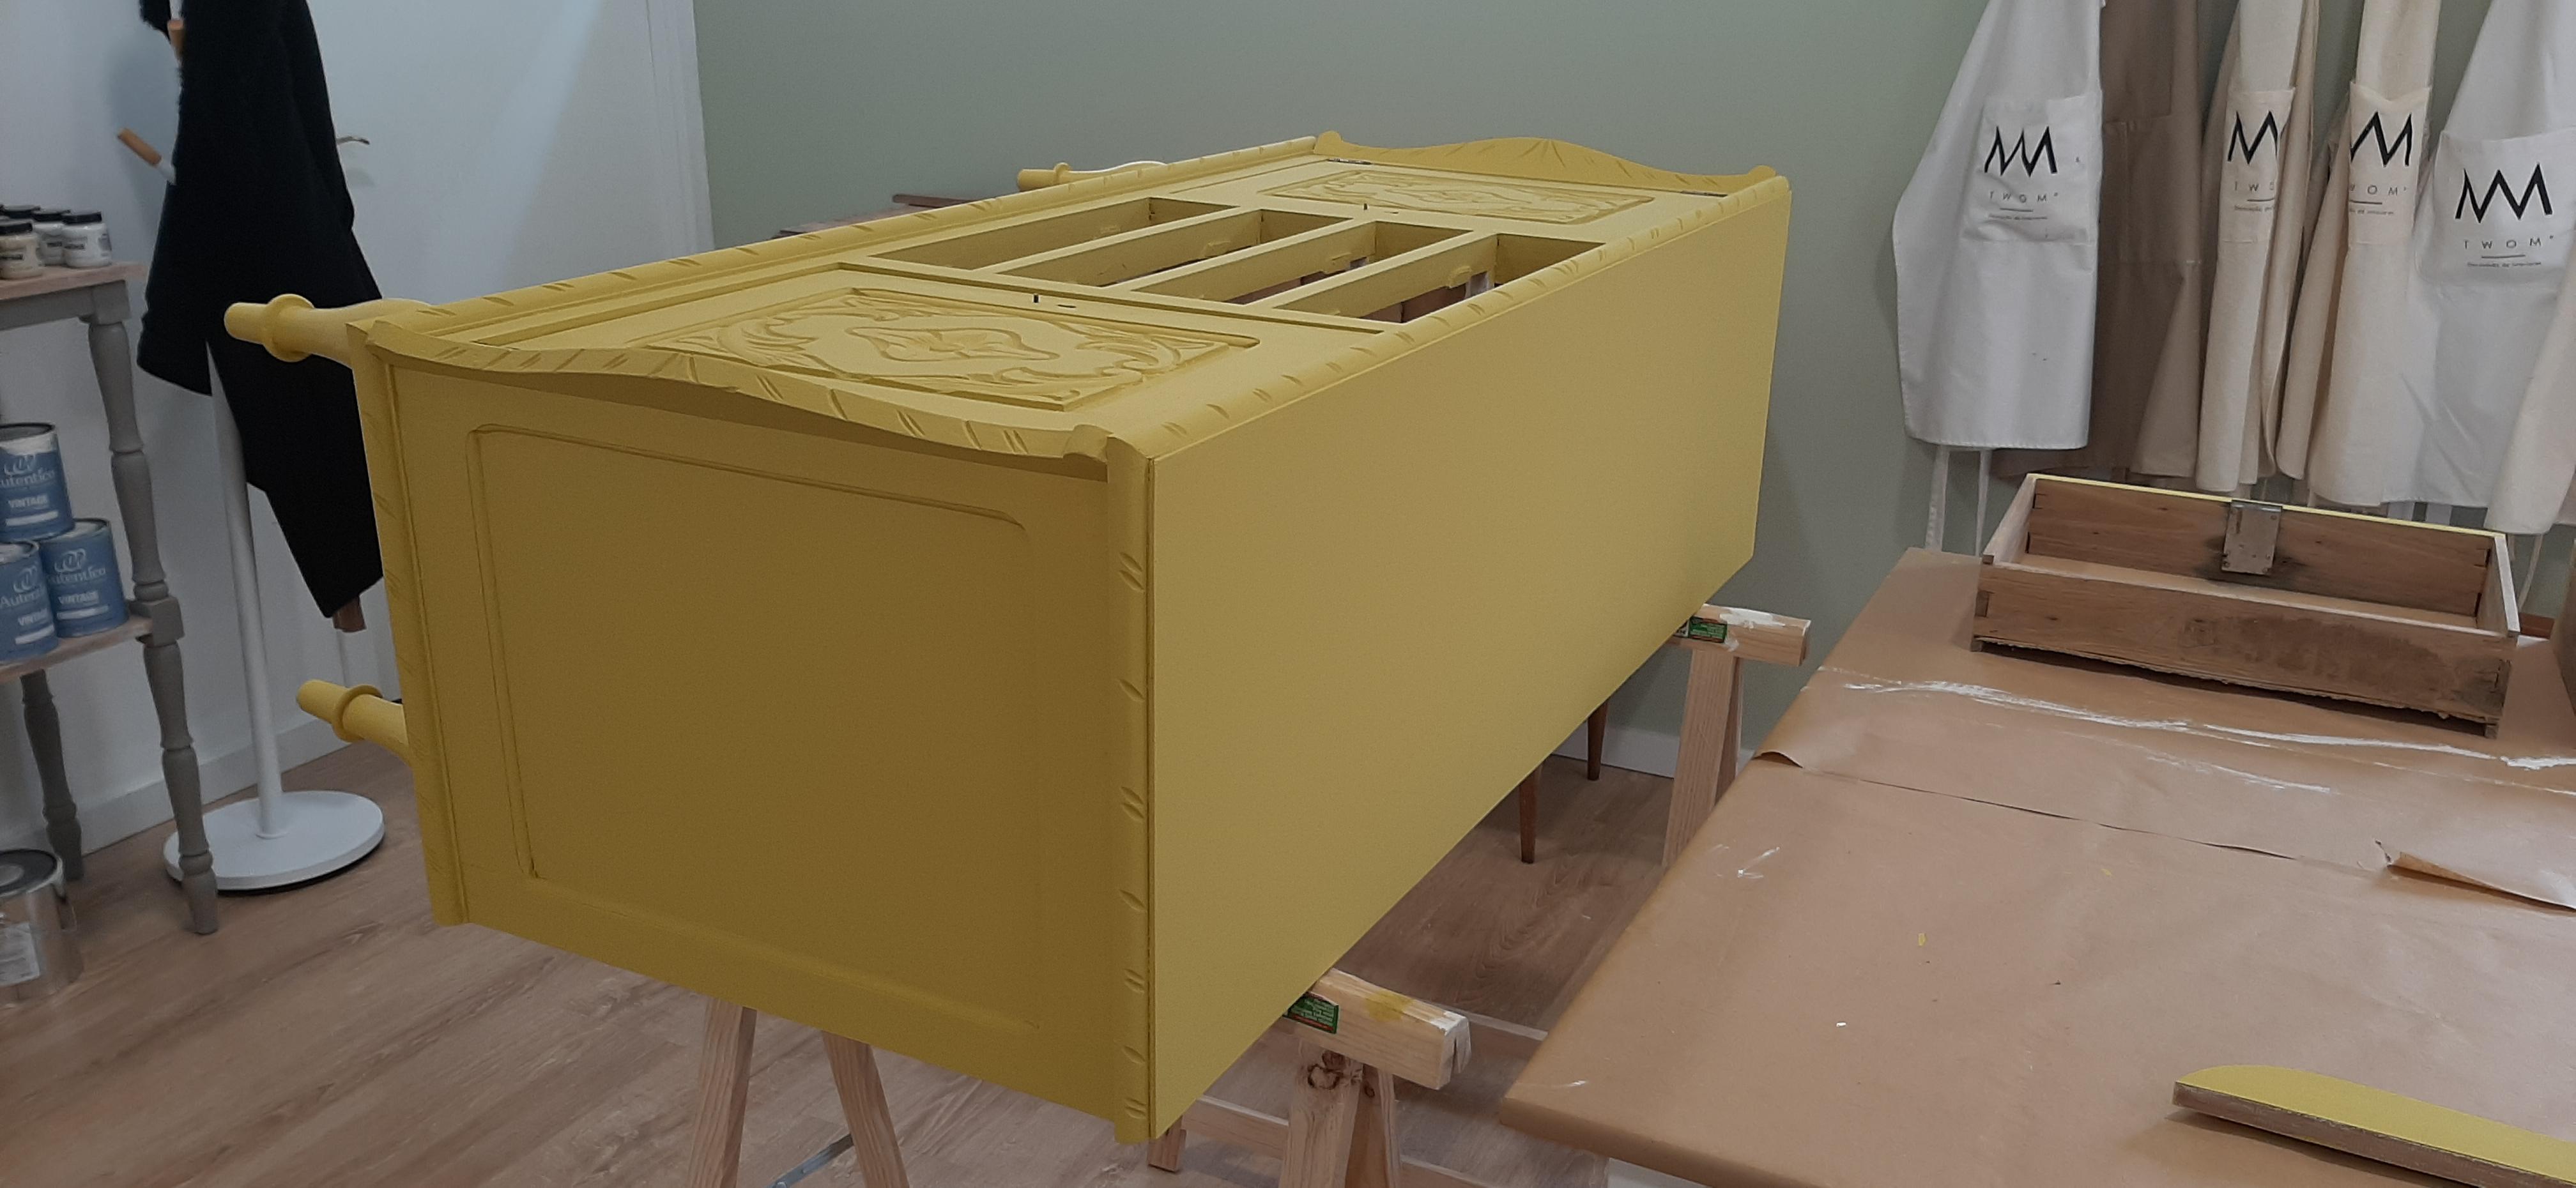 portefolio-aparador_amarelo-20200130_123720